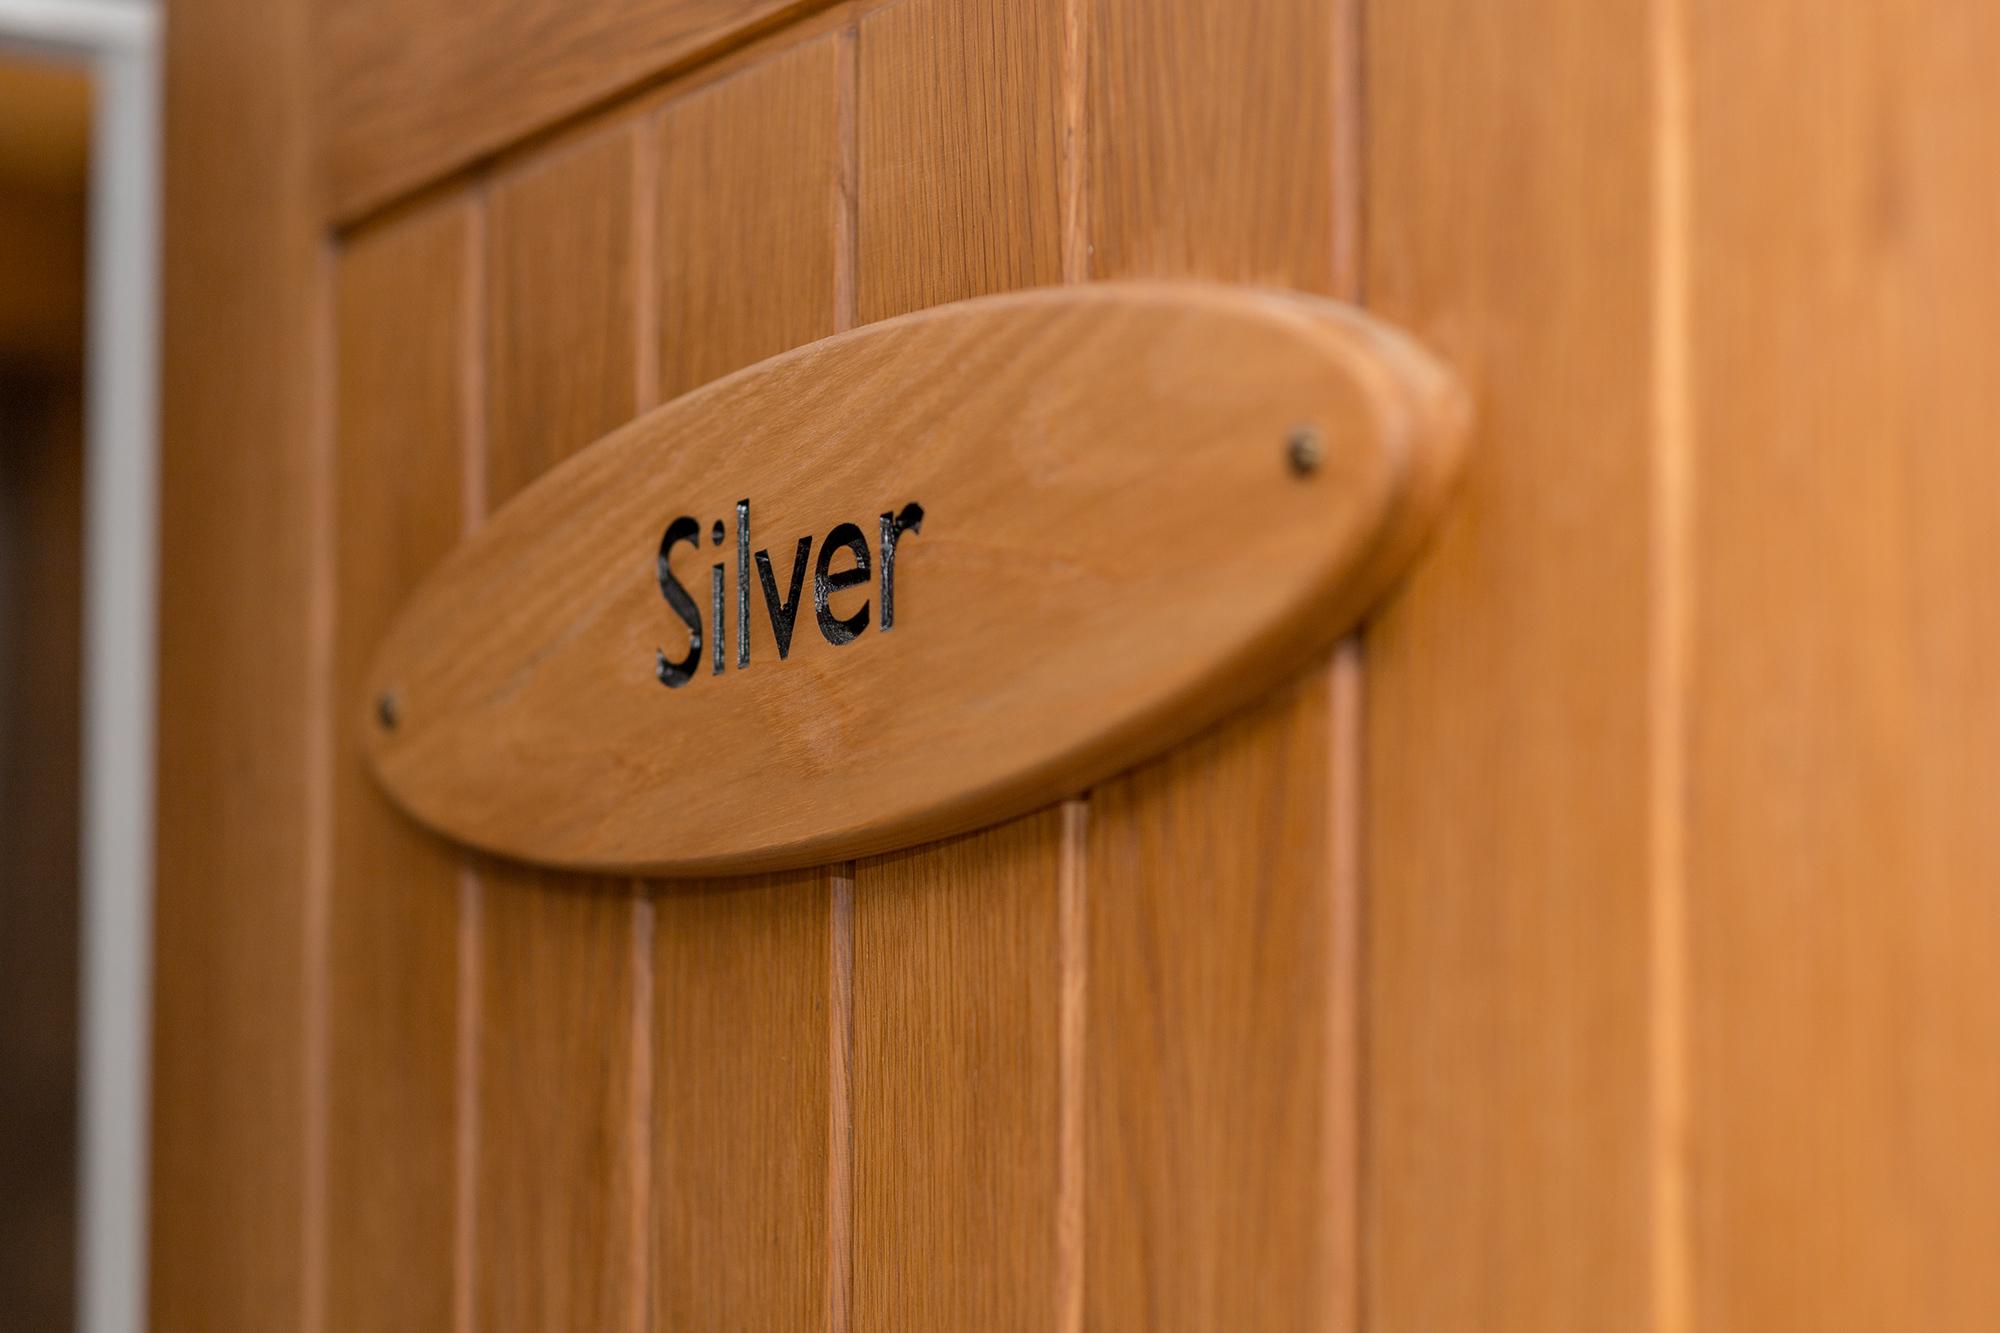 Silver room name on door